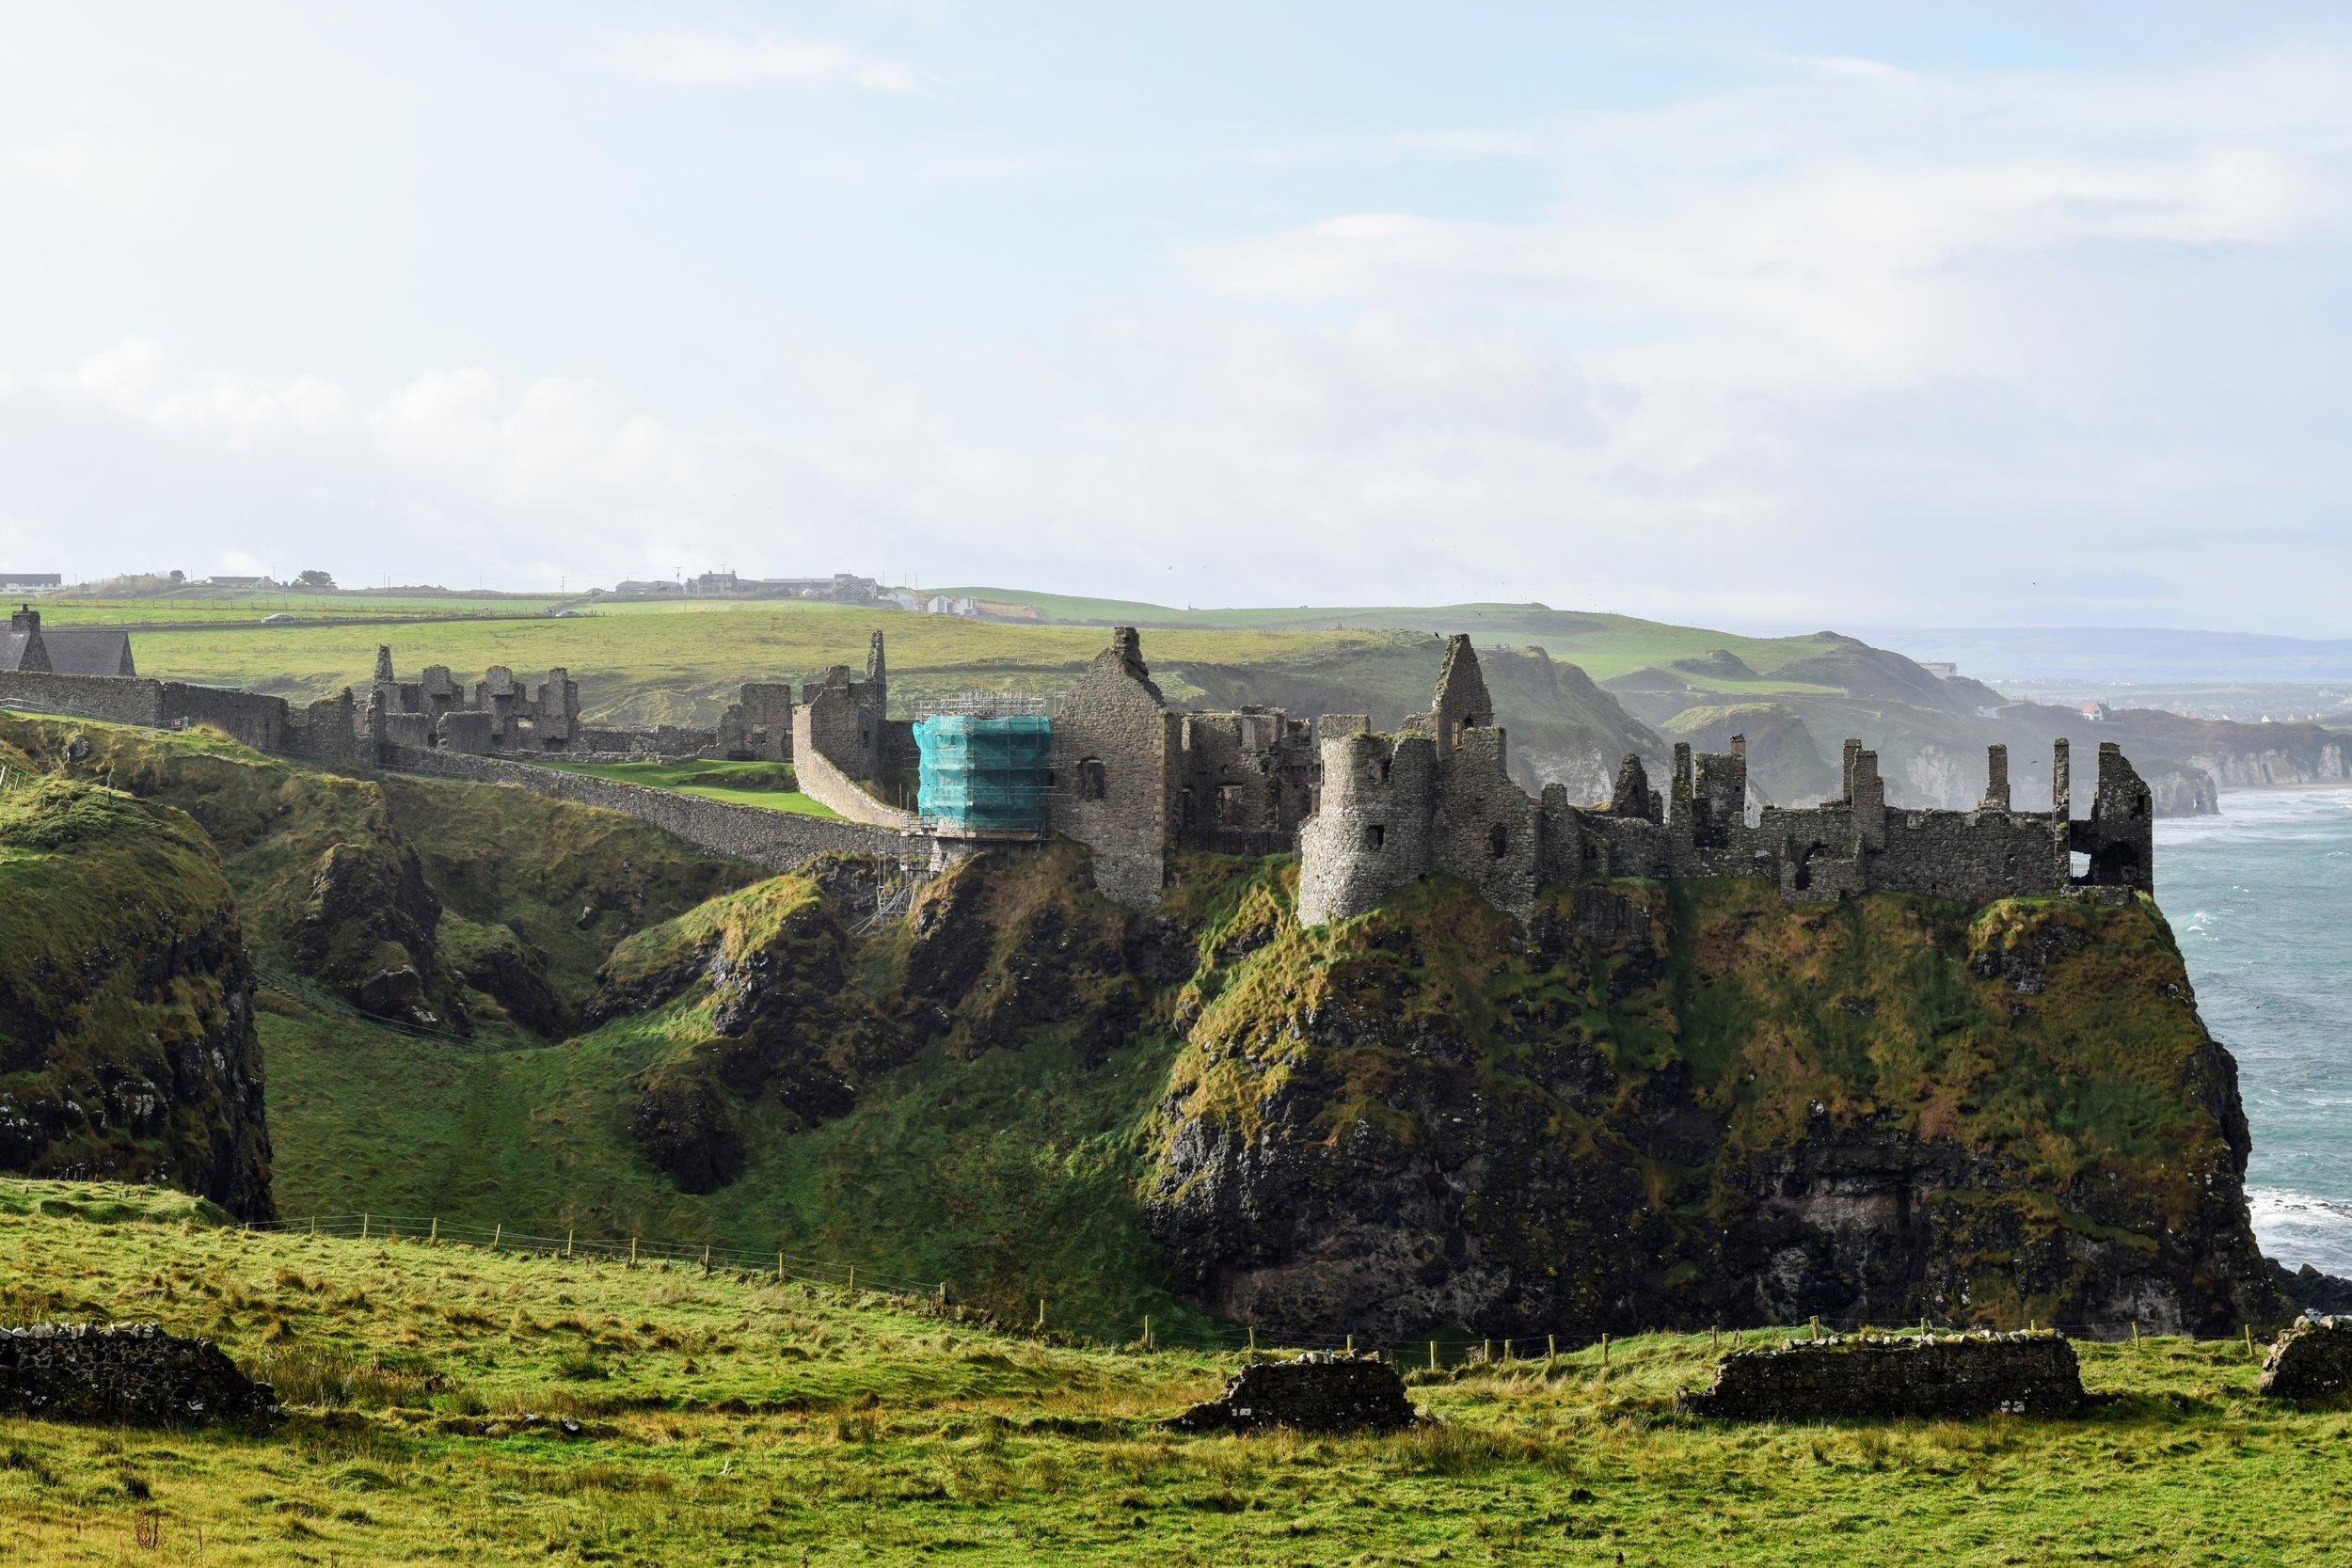 Dunluce Castle  (Nikon D3300, 50mm, f/8, 1/250 sec, ISO 200)